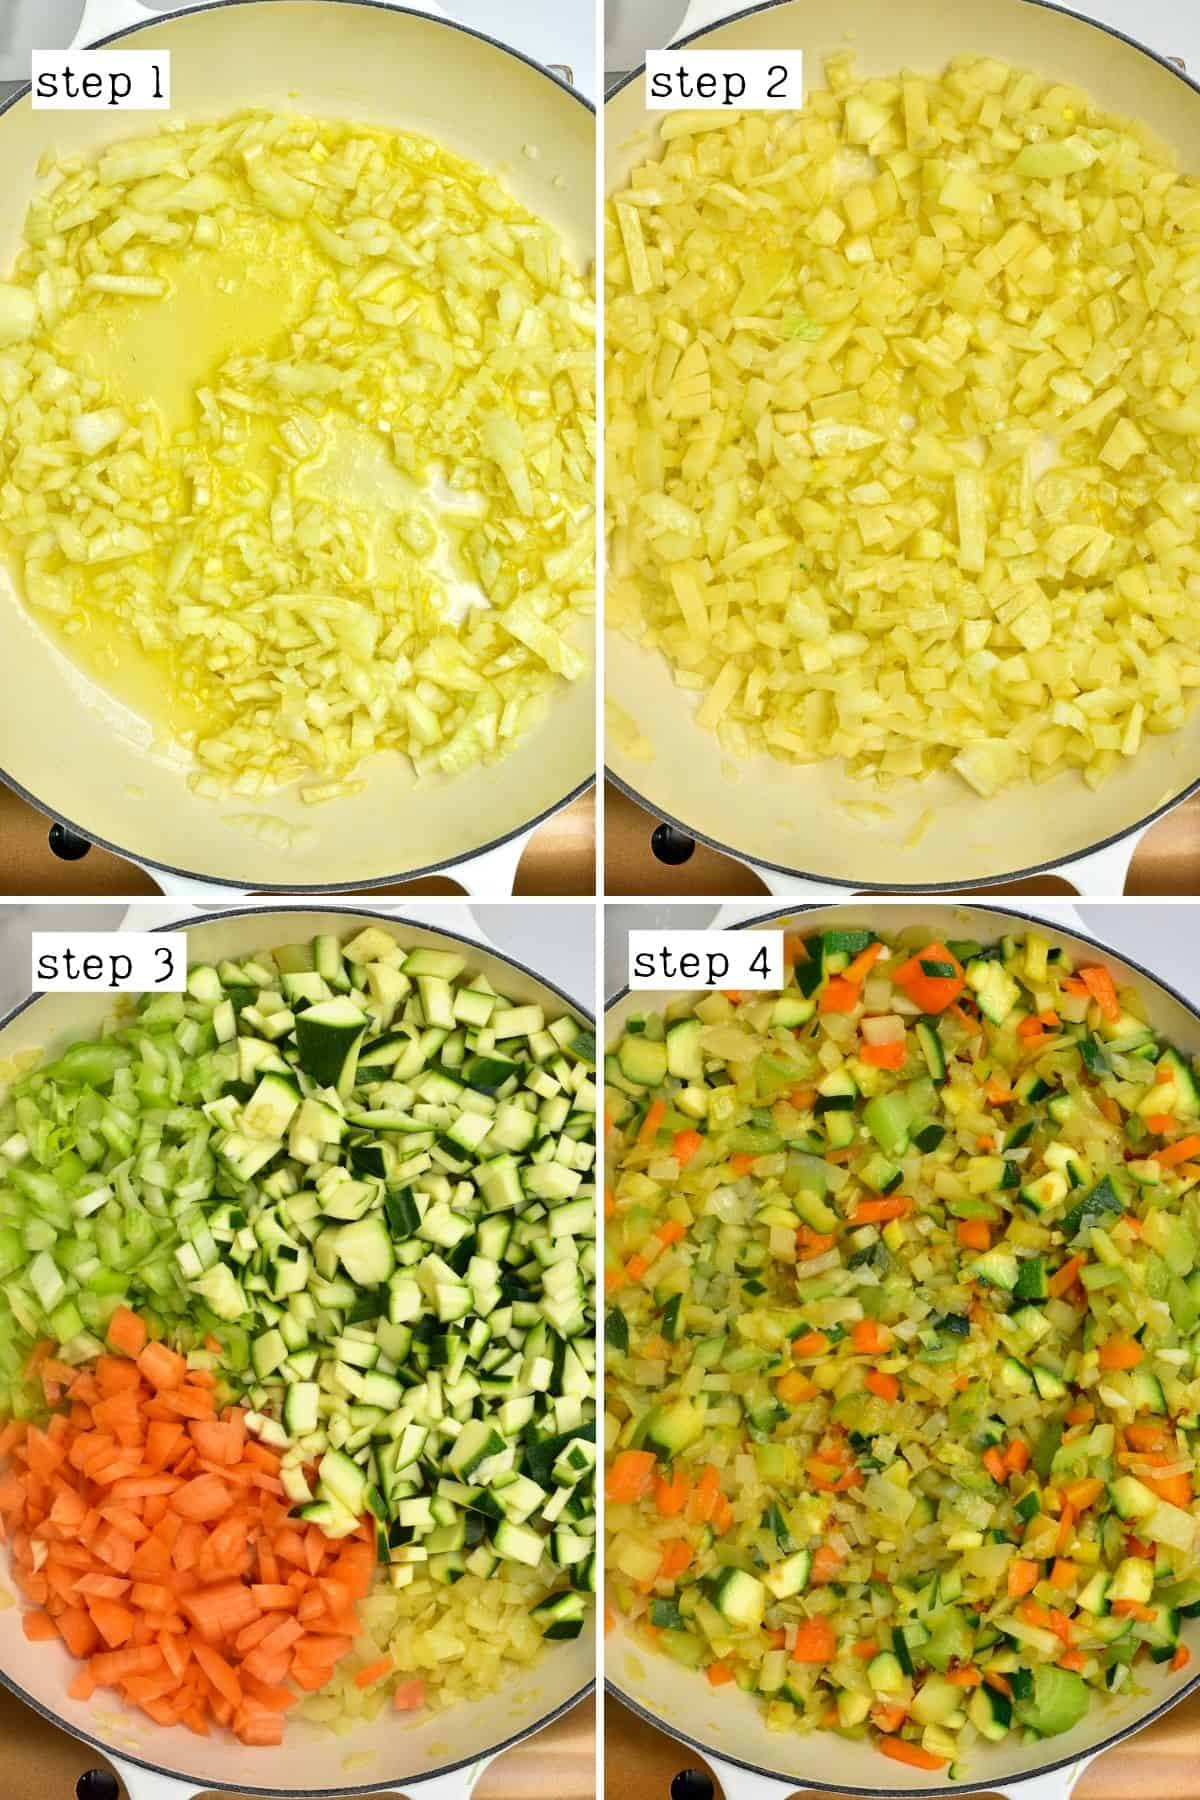 Steps for cooking vegetables